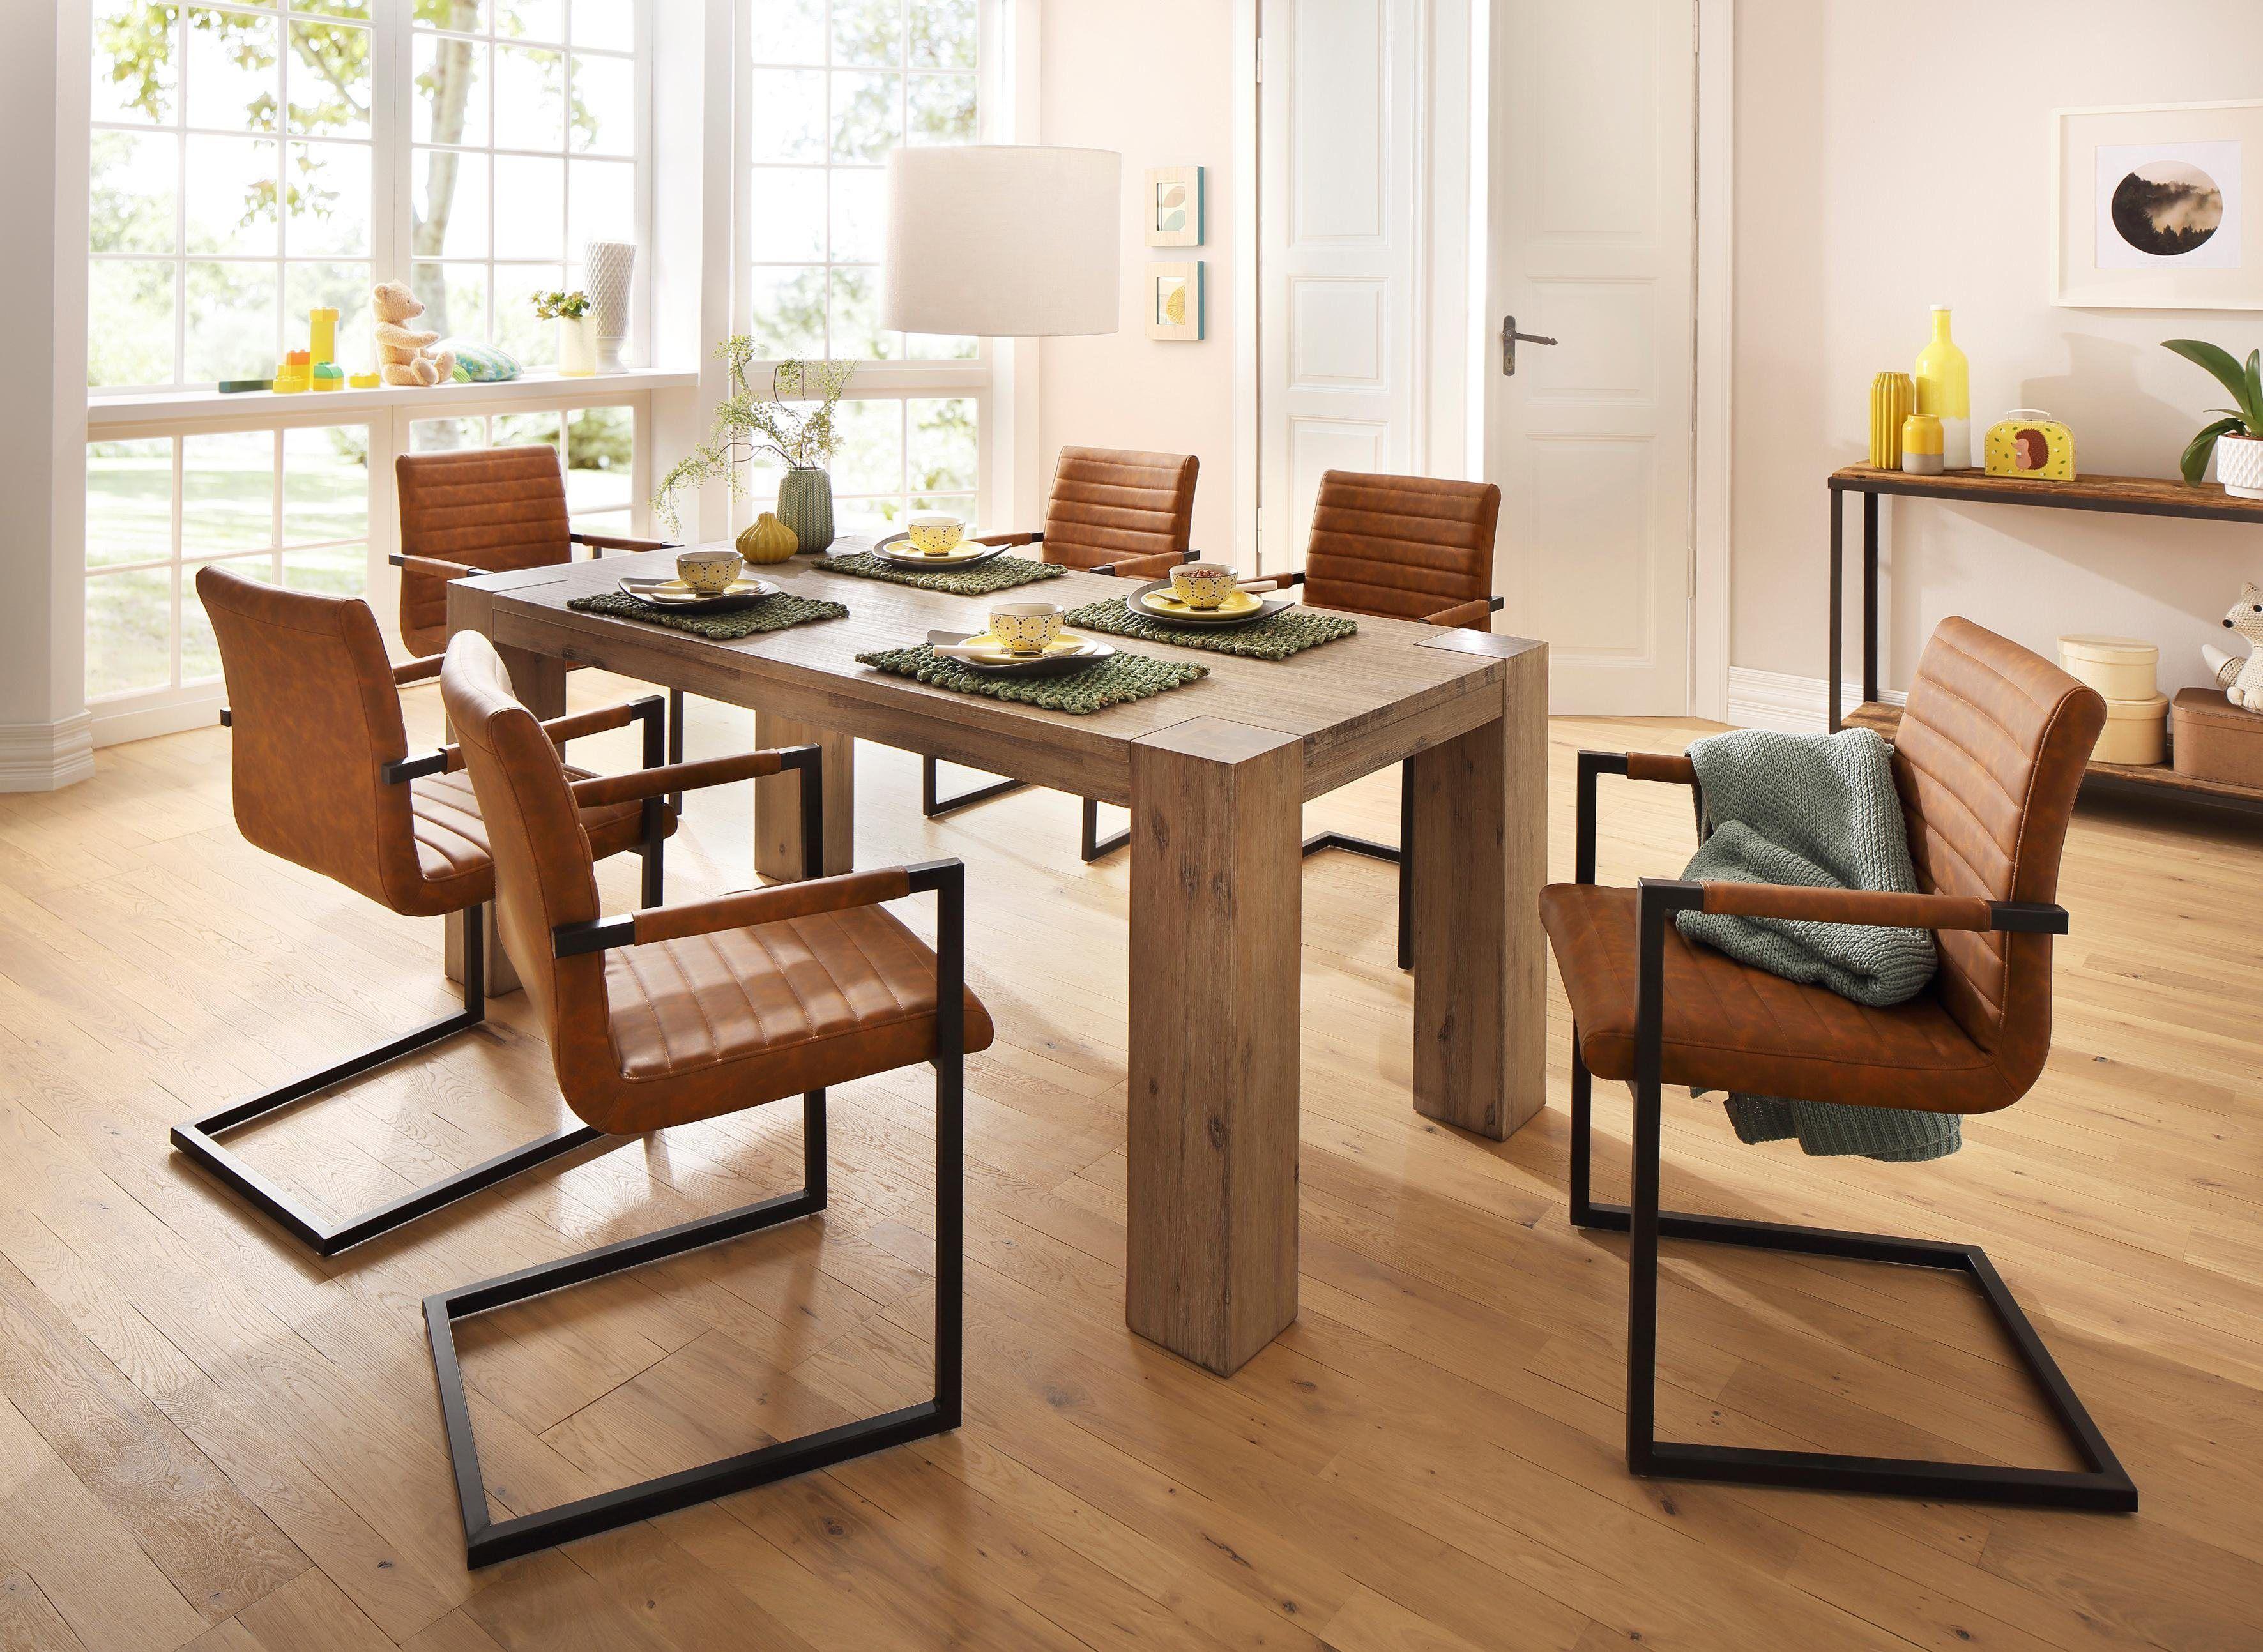 Verführerisch Esstisch Stühle Mit Armlehne Sammlung Von Home Affaire Essgruppenset Â«bineÂ« Bestehend Aus 6